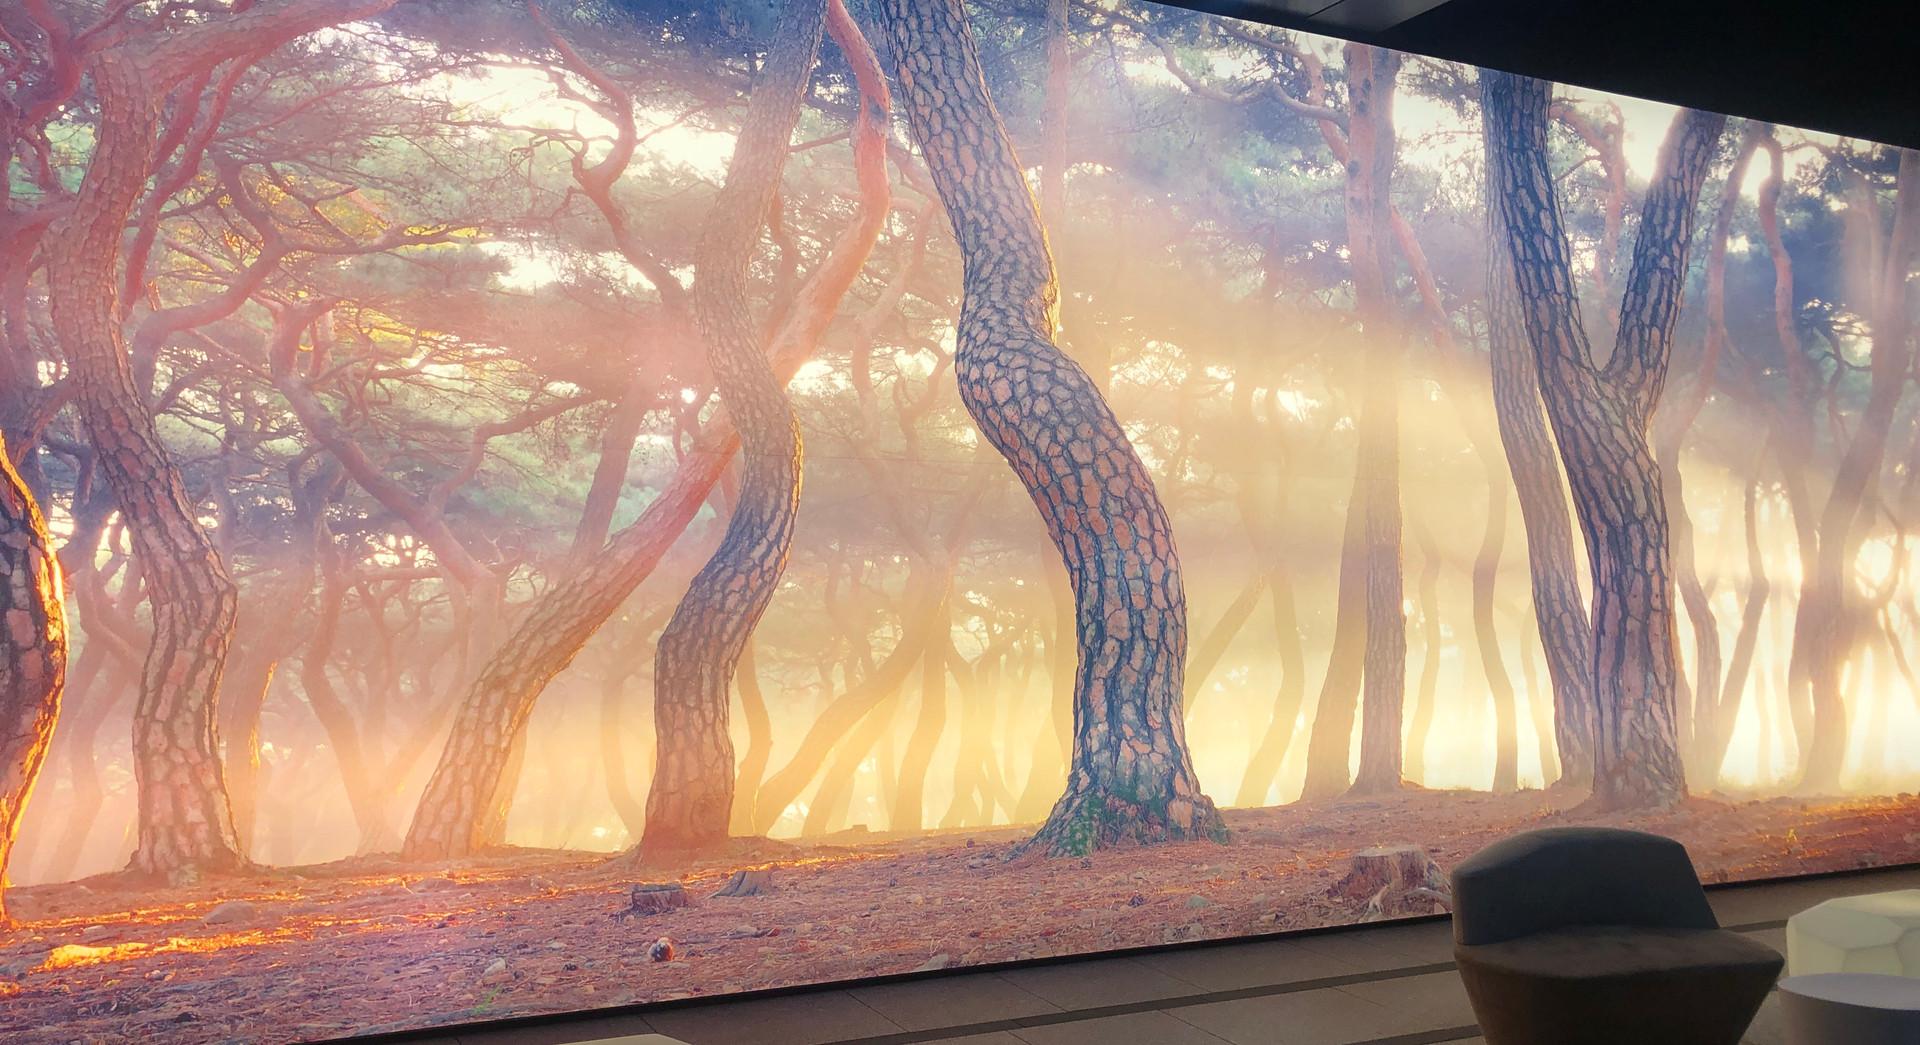 <정령들의 숲> Light Wall, 20mx4m